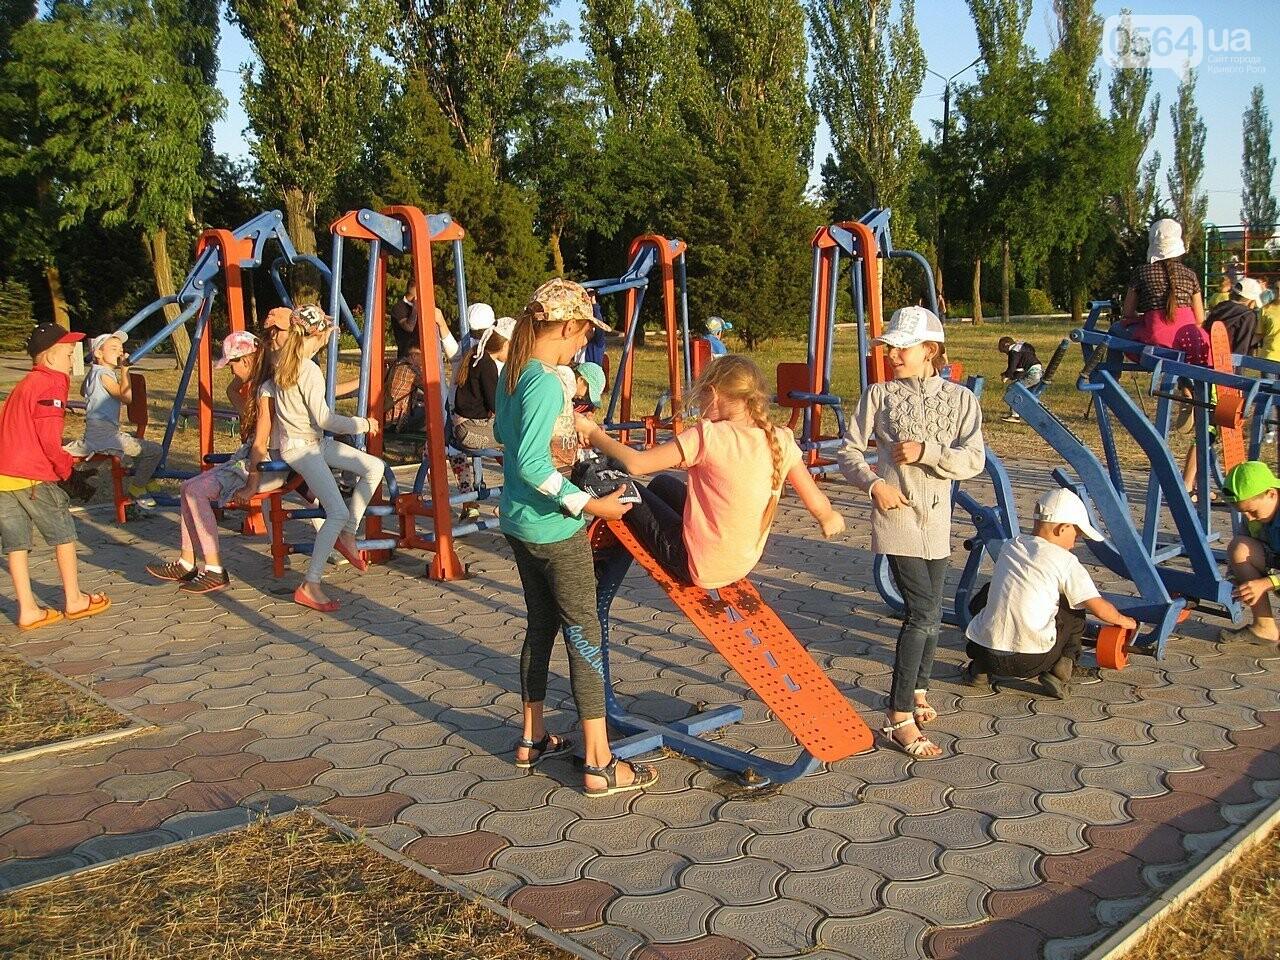 В Кривом Роге подвели итоги оздоровительной кампании детей: 76% школьников отдыхали летом в лагерях, - ФОТО, фото-5